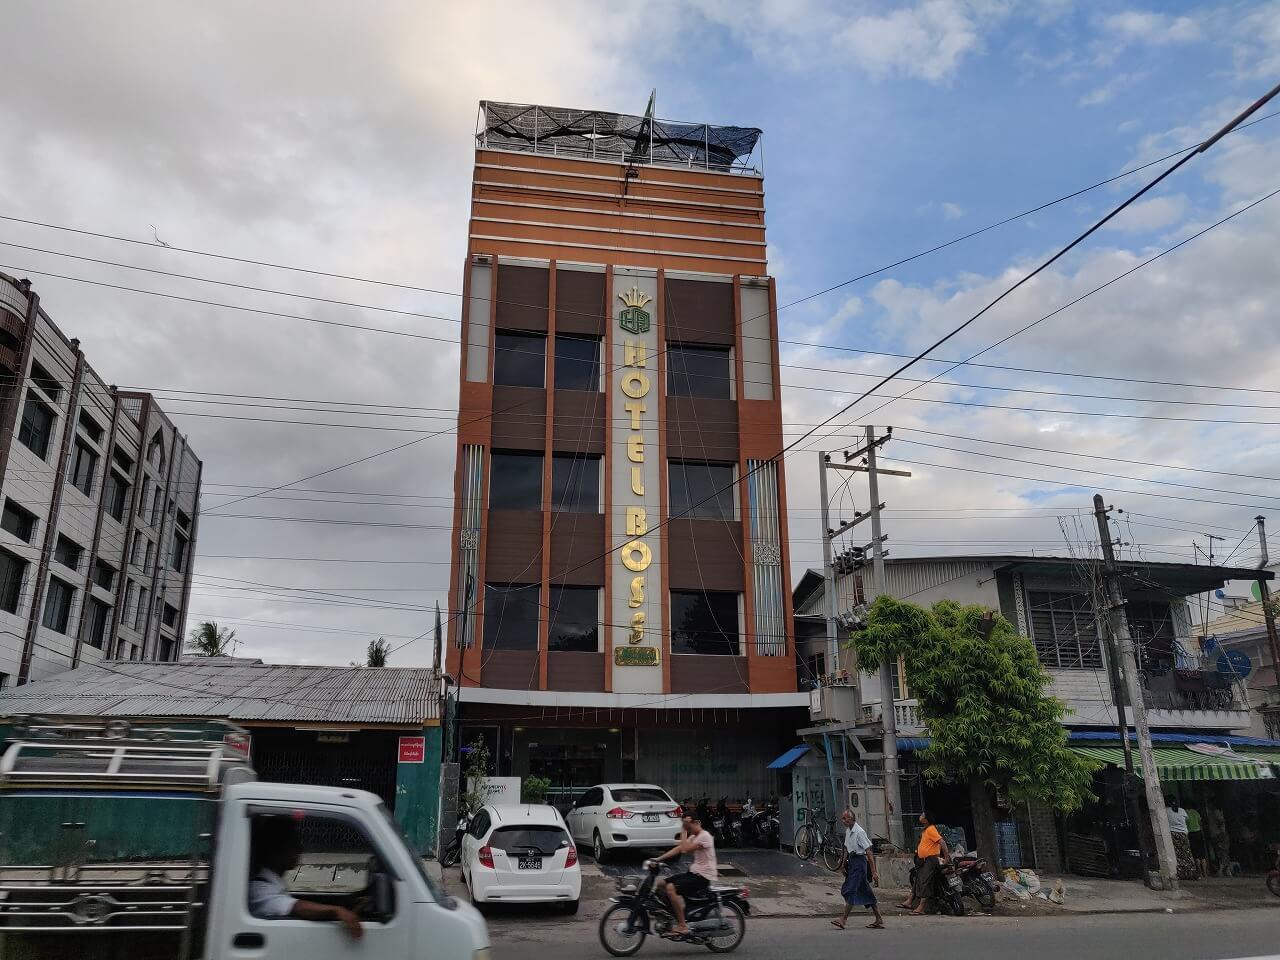 マンダレー「ホテル ボス (Hotel Boss)」に宿泊、2000円以下で個室の格安宿